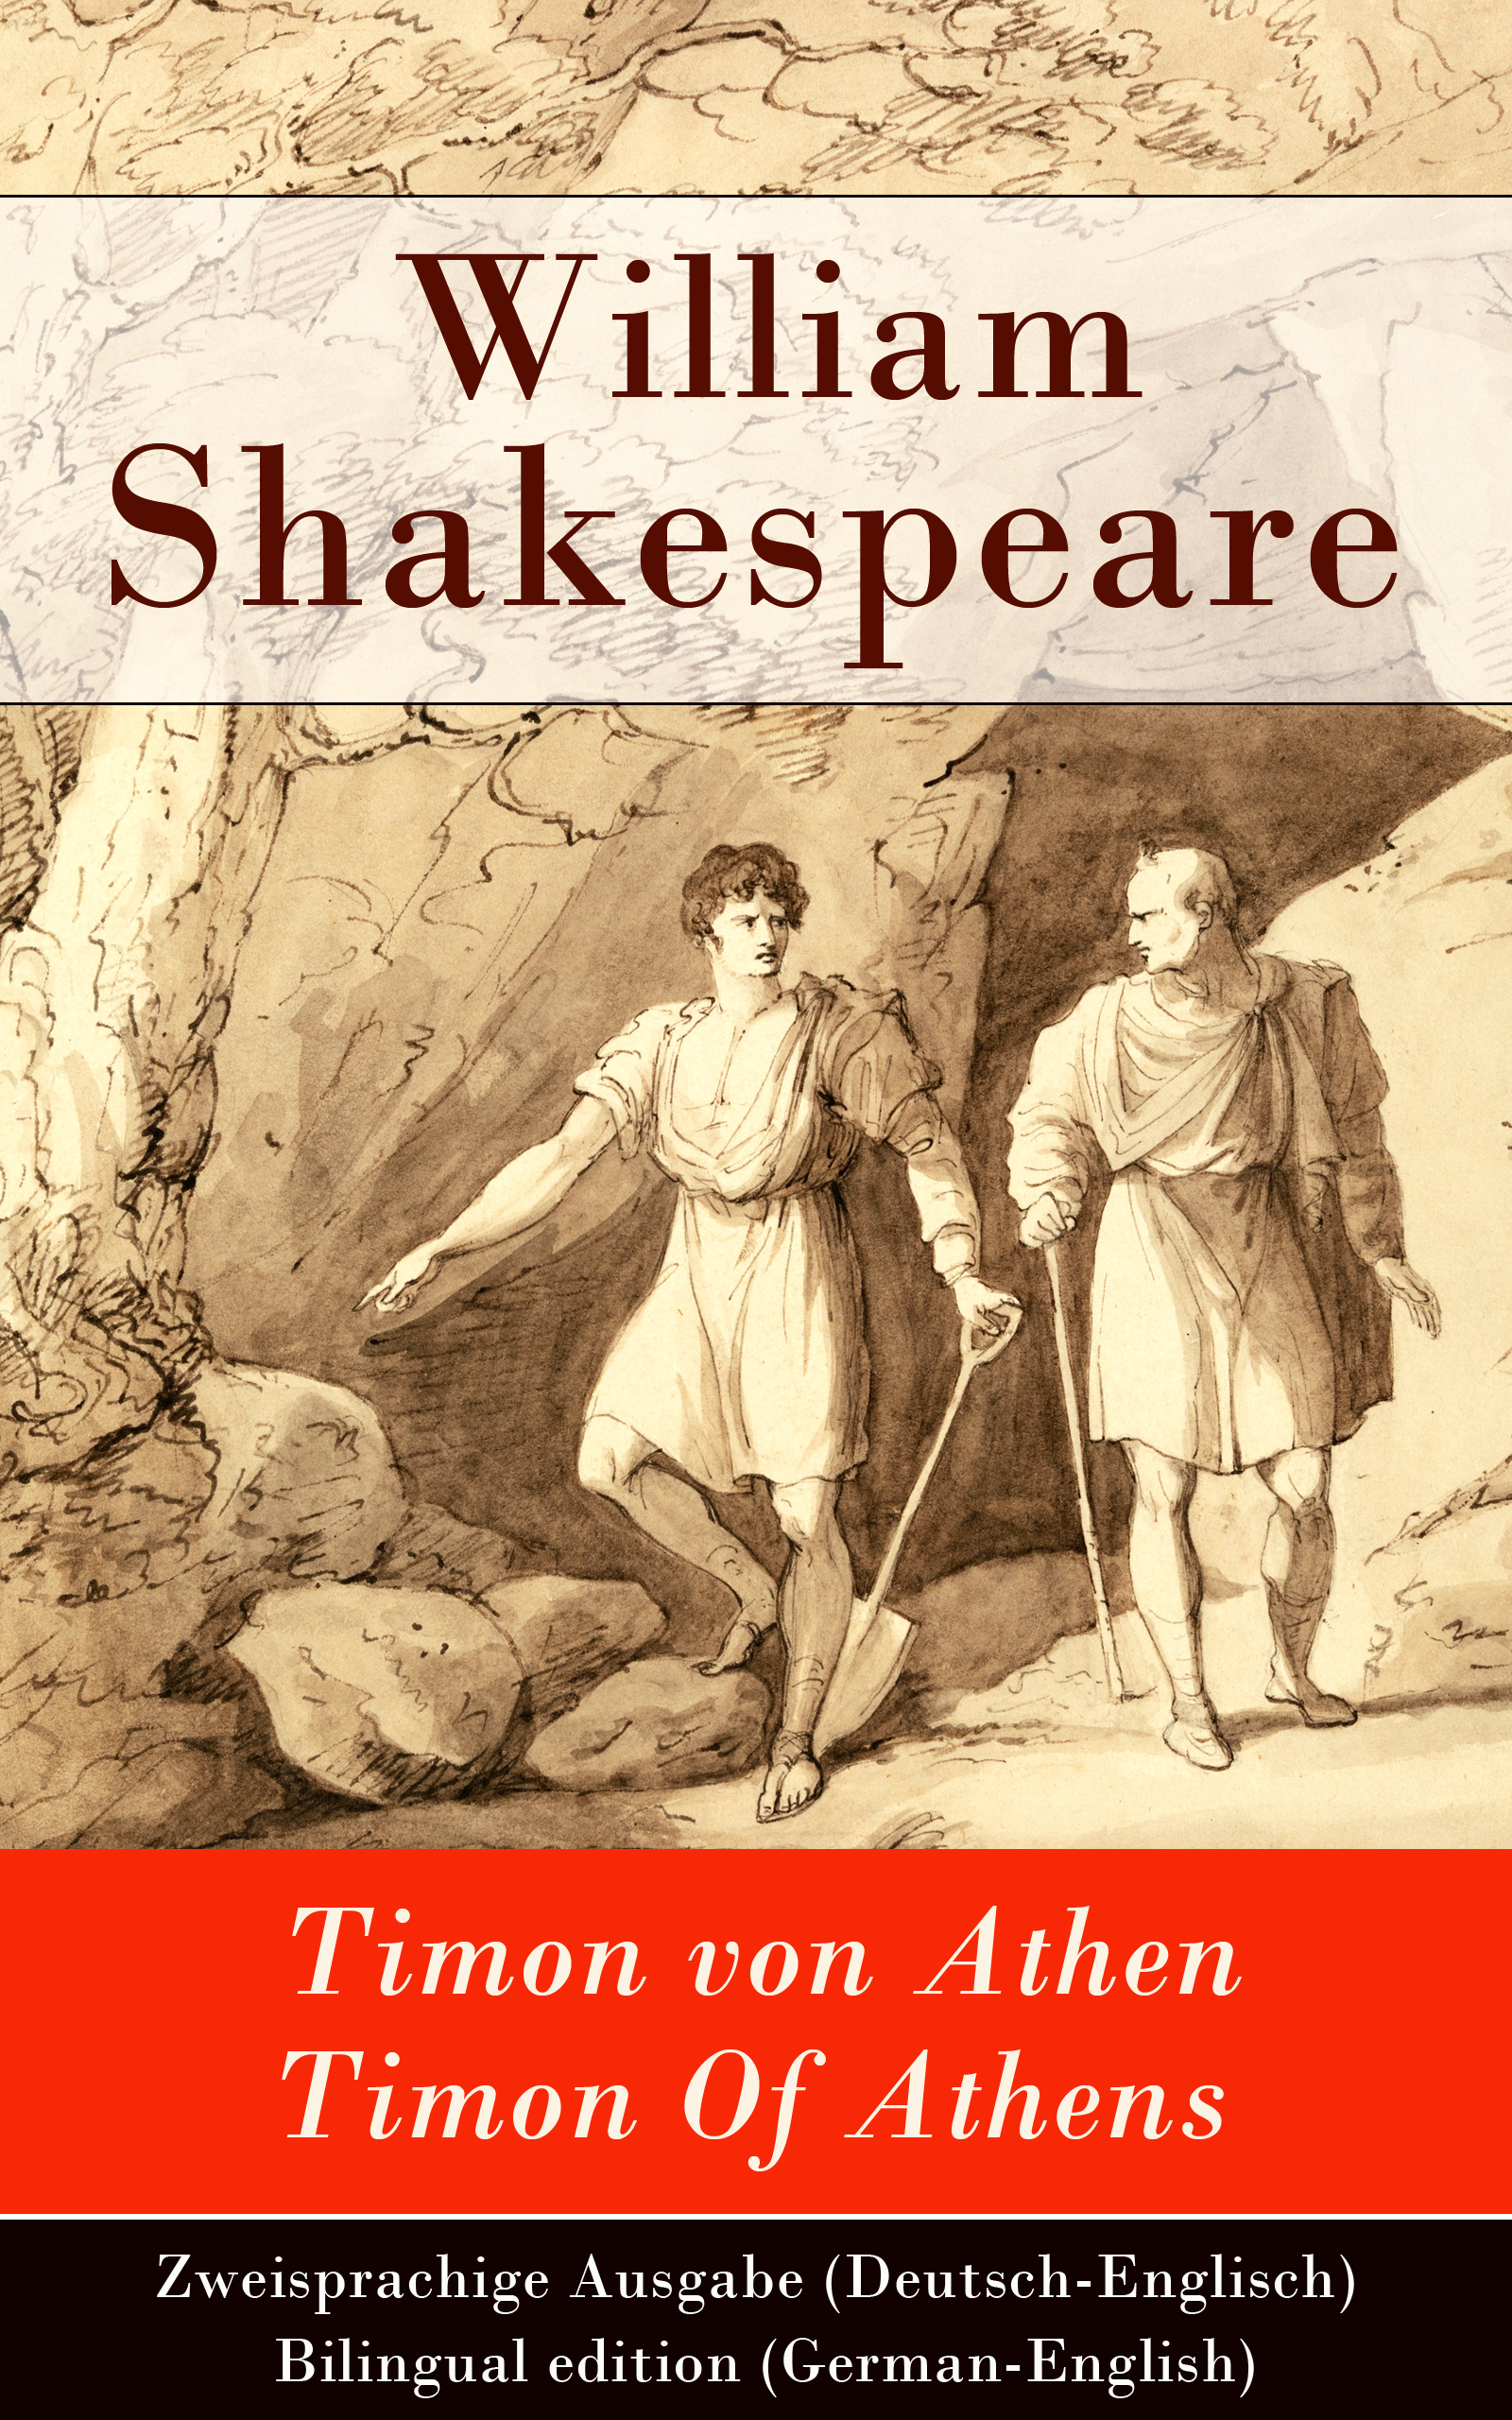 Уильям Шекспир Timon von Athen / Timon Of Athens - Zweisprachige Ausgabe (Deutsch-Englisch) / Bilingual edition (German-English)